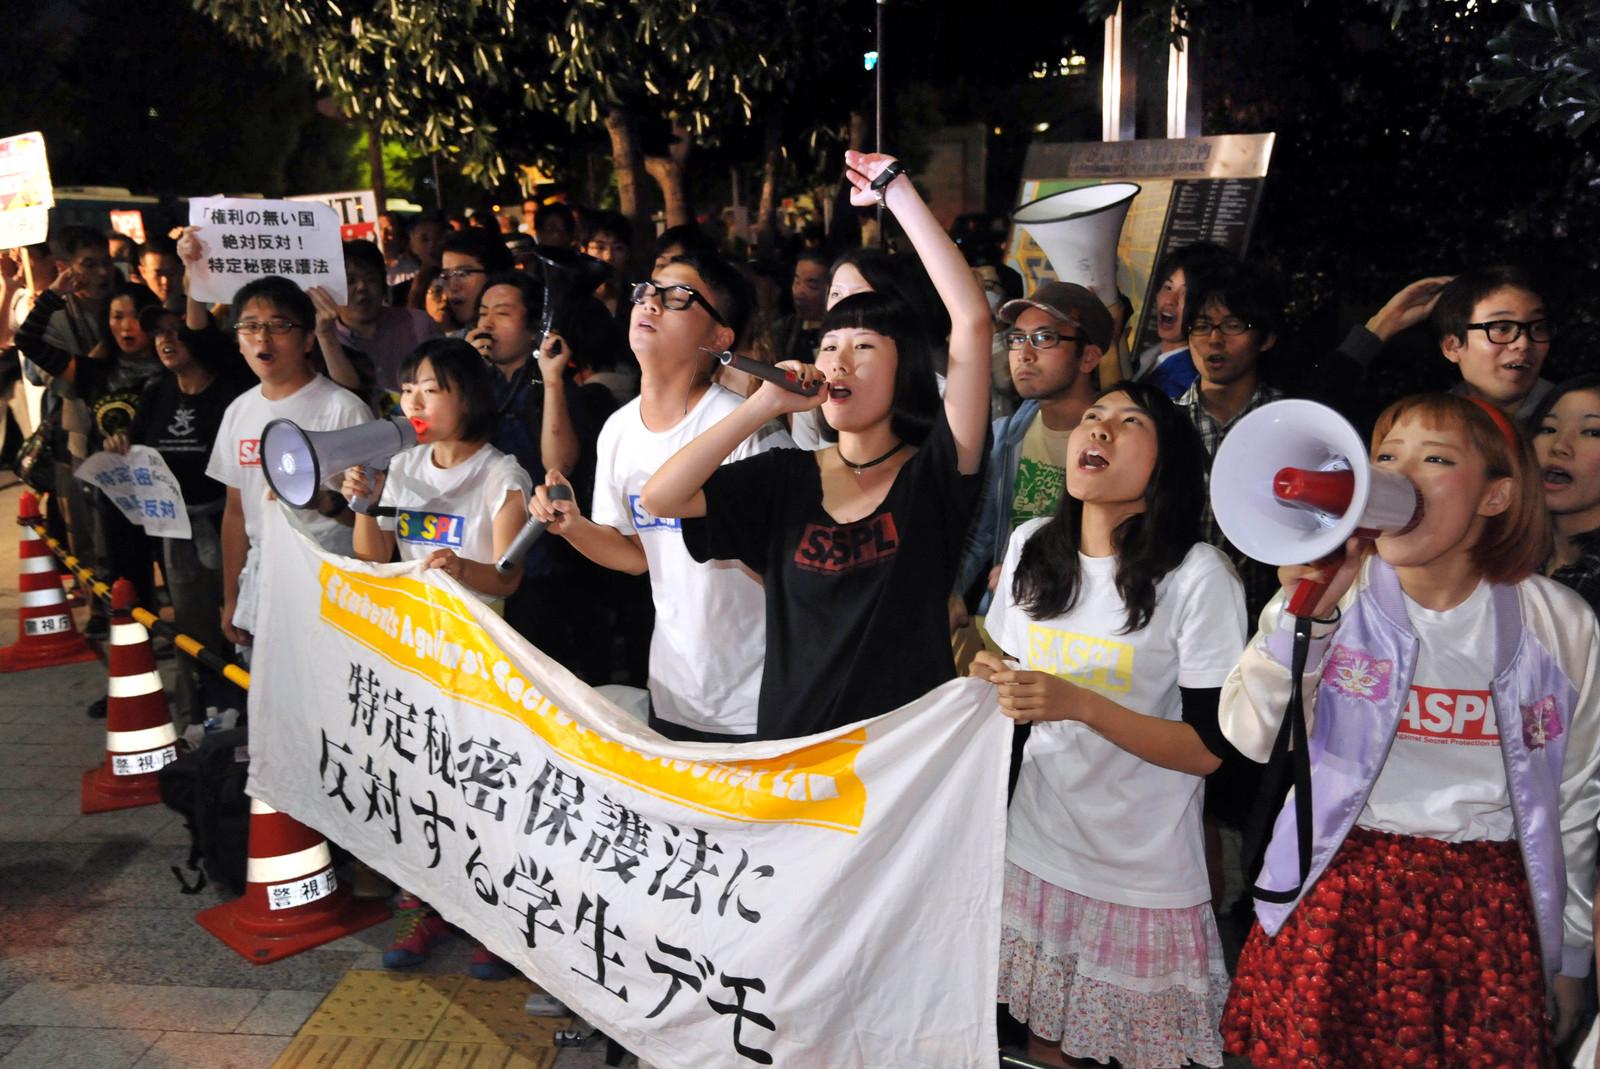 秘密保護法反対、自由を守れと首相官邸に向かって抗議する学生ら=10日、東京都千代田区